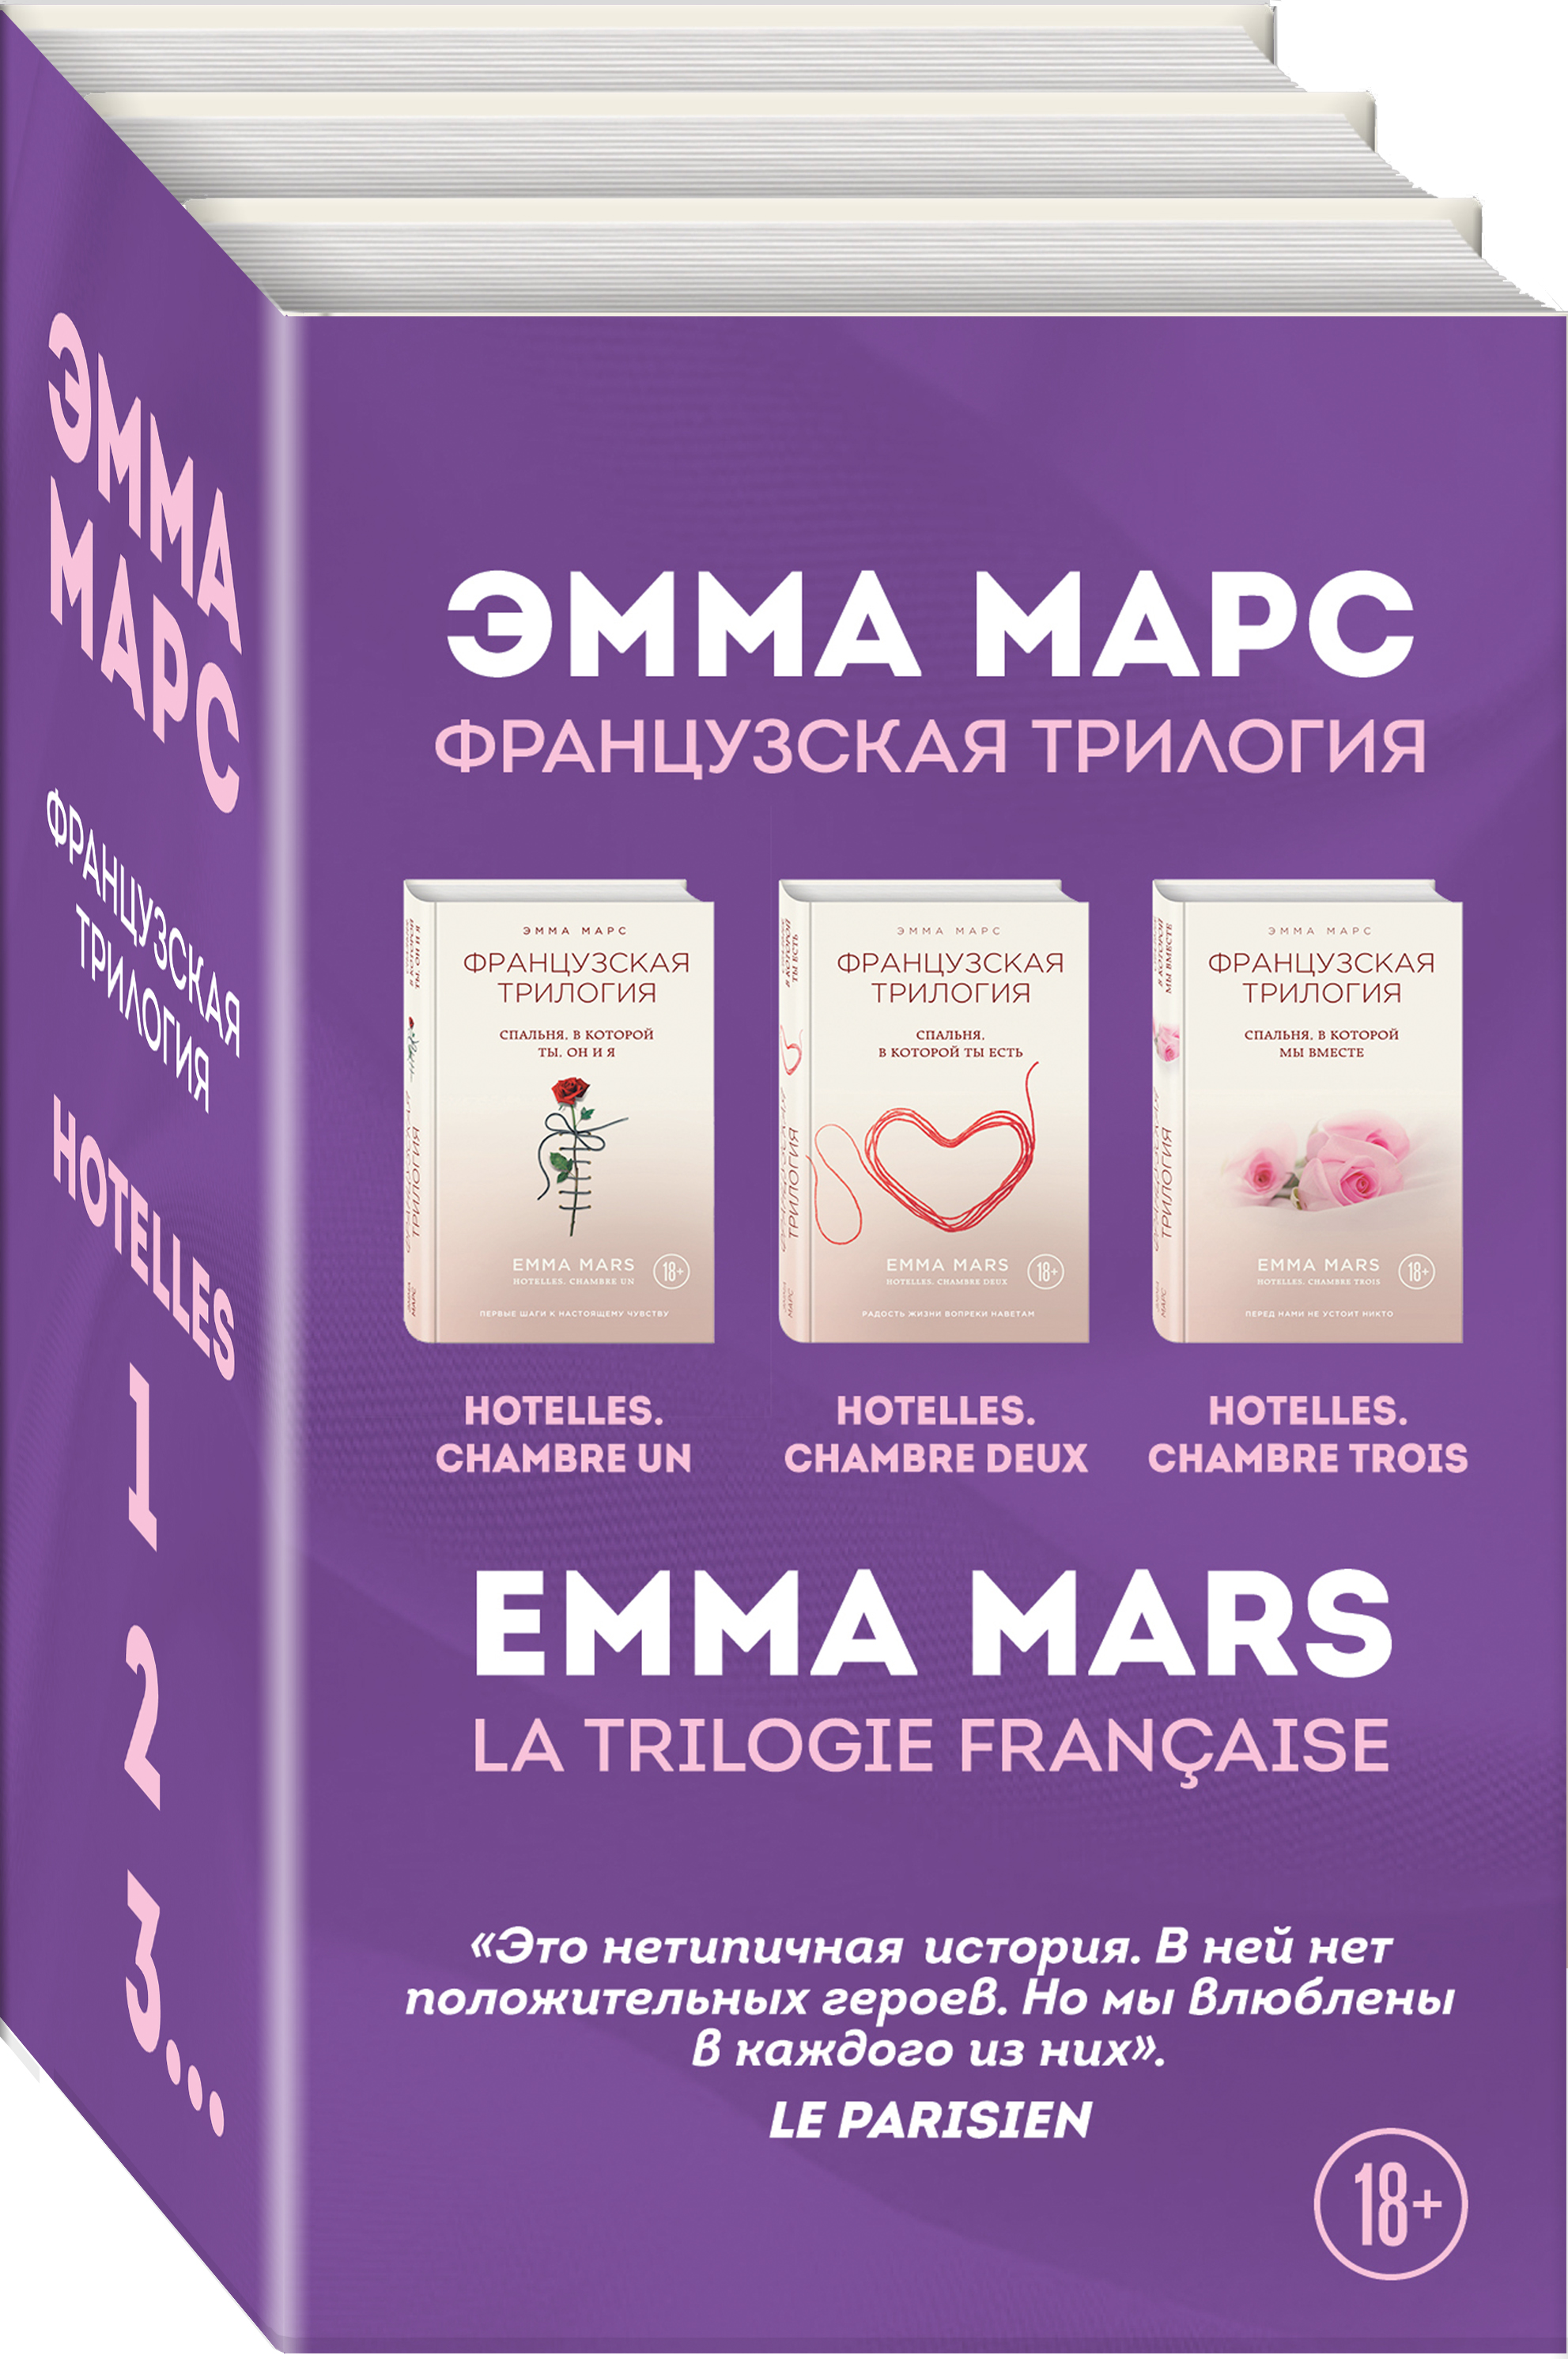 Марс Э. Французская трилогия Эммы Марс (комплект из 3 книг)